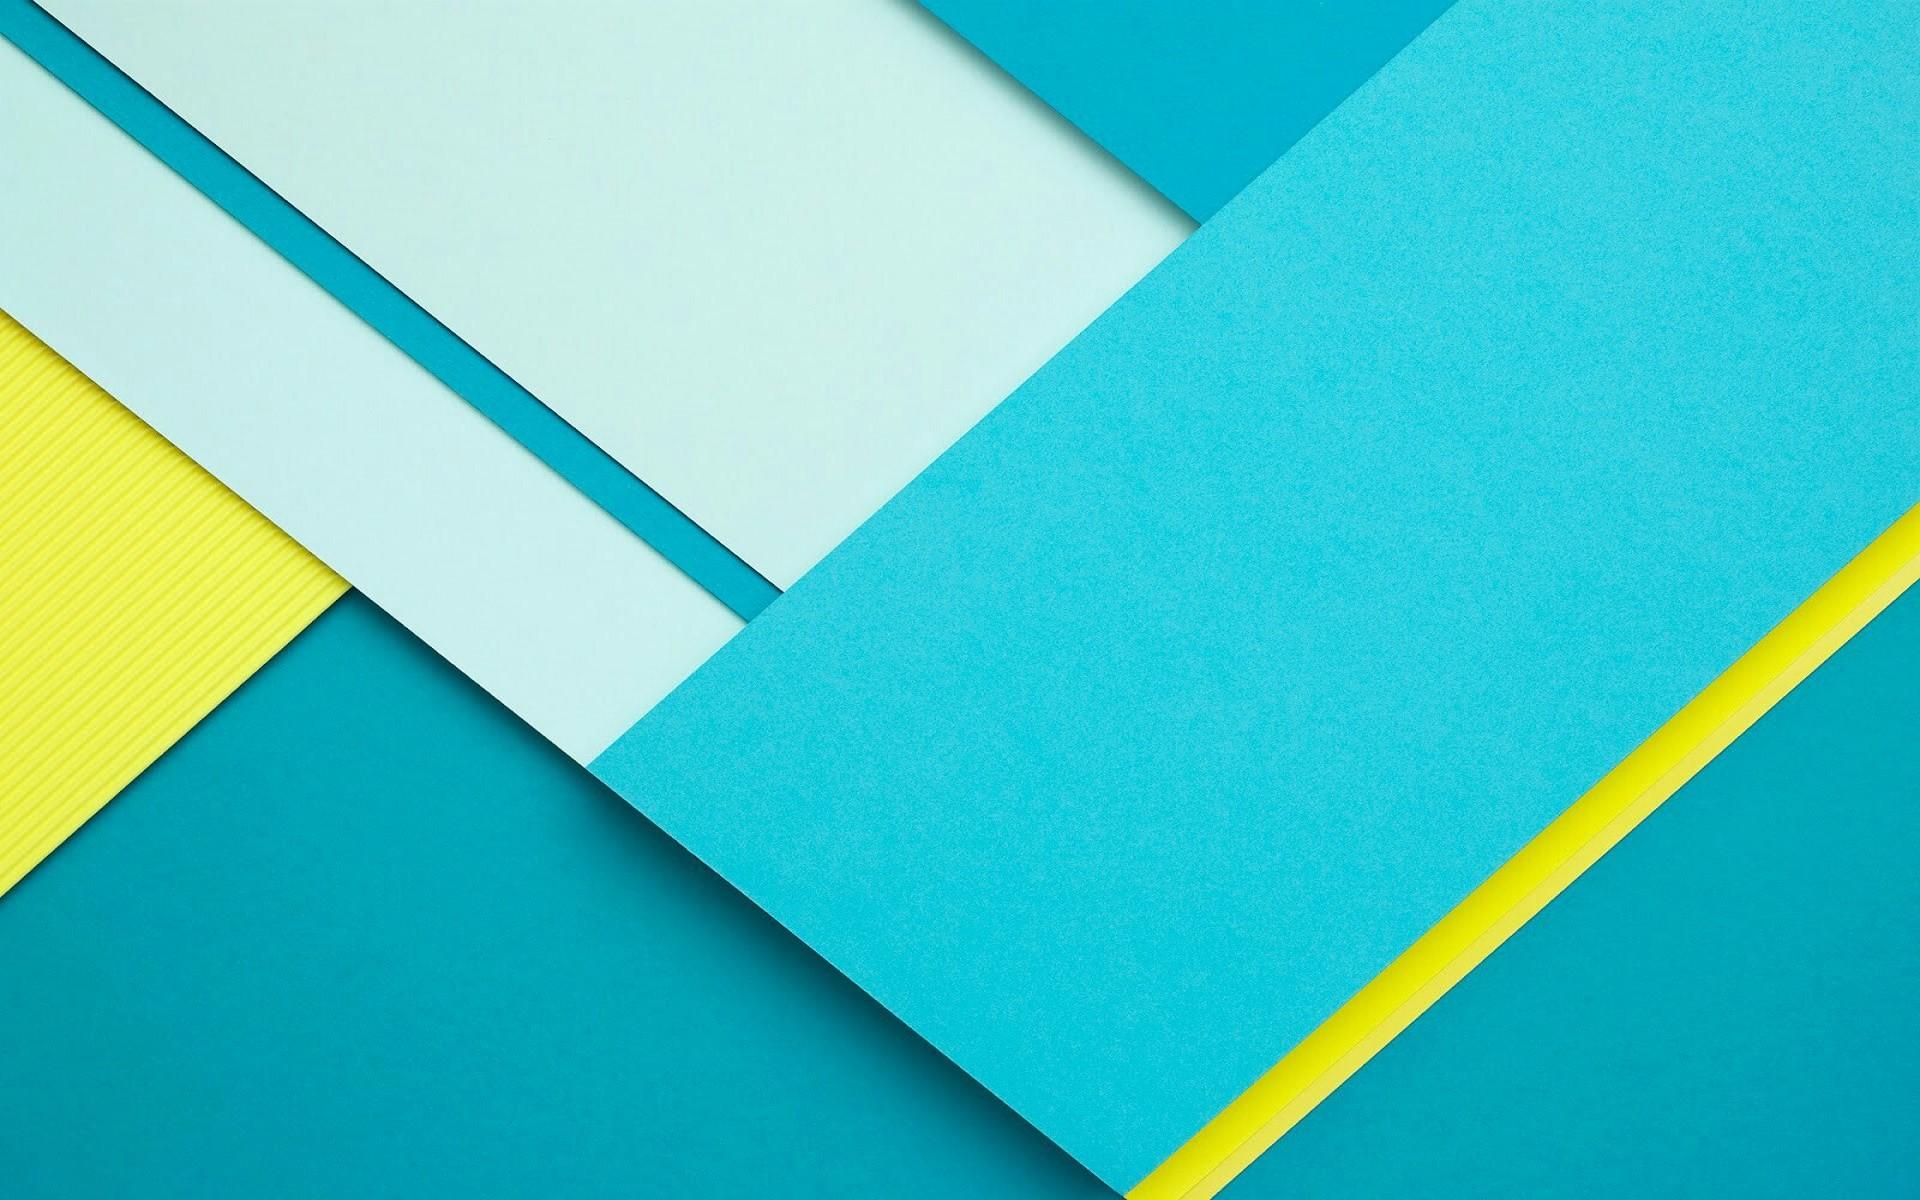 nexus wallpapers hd 46 images